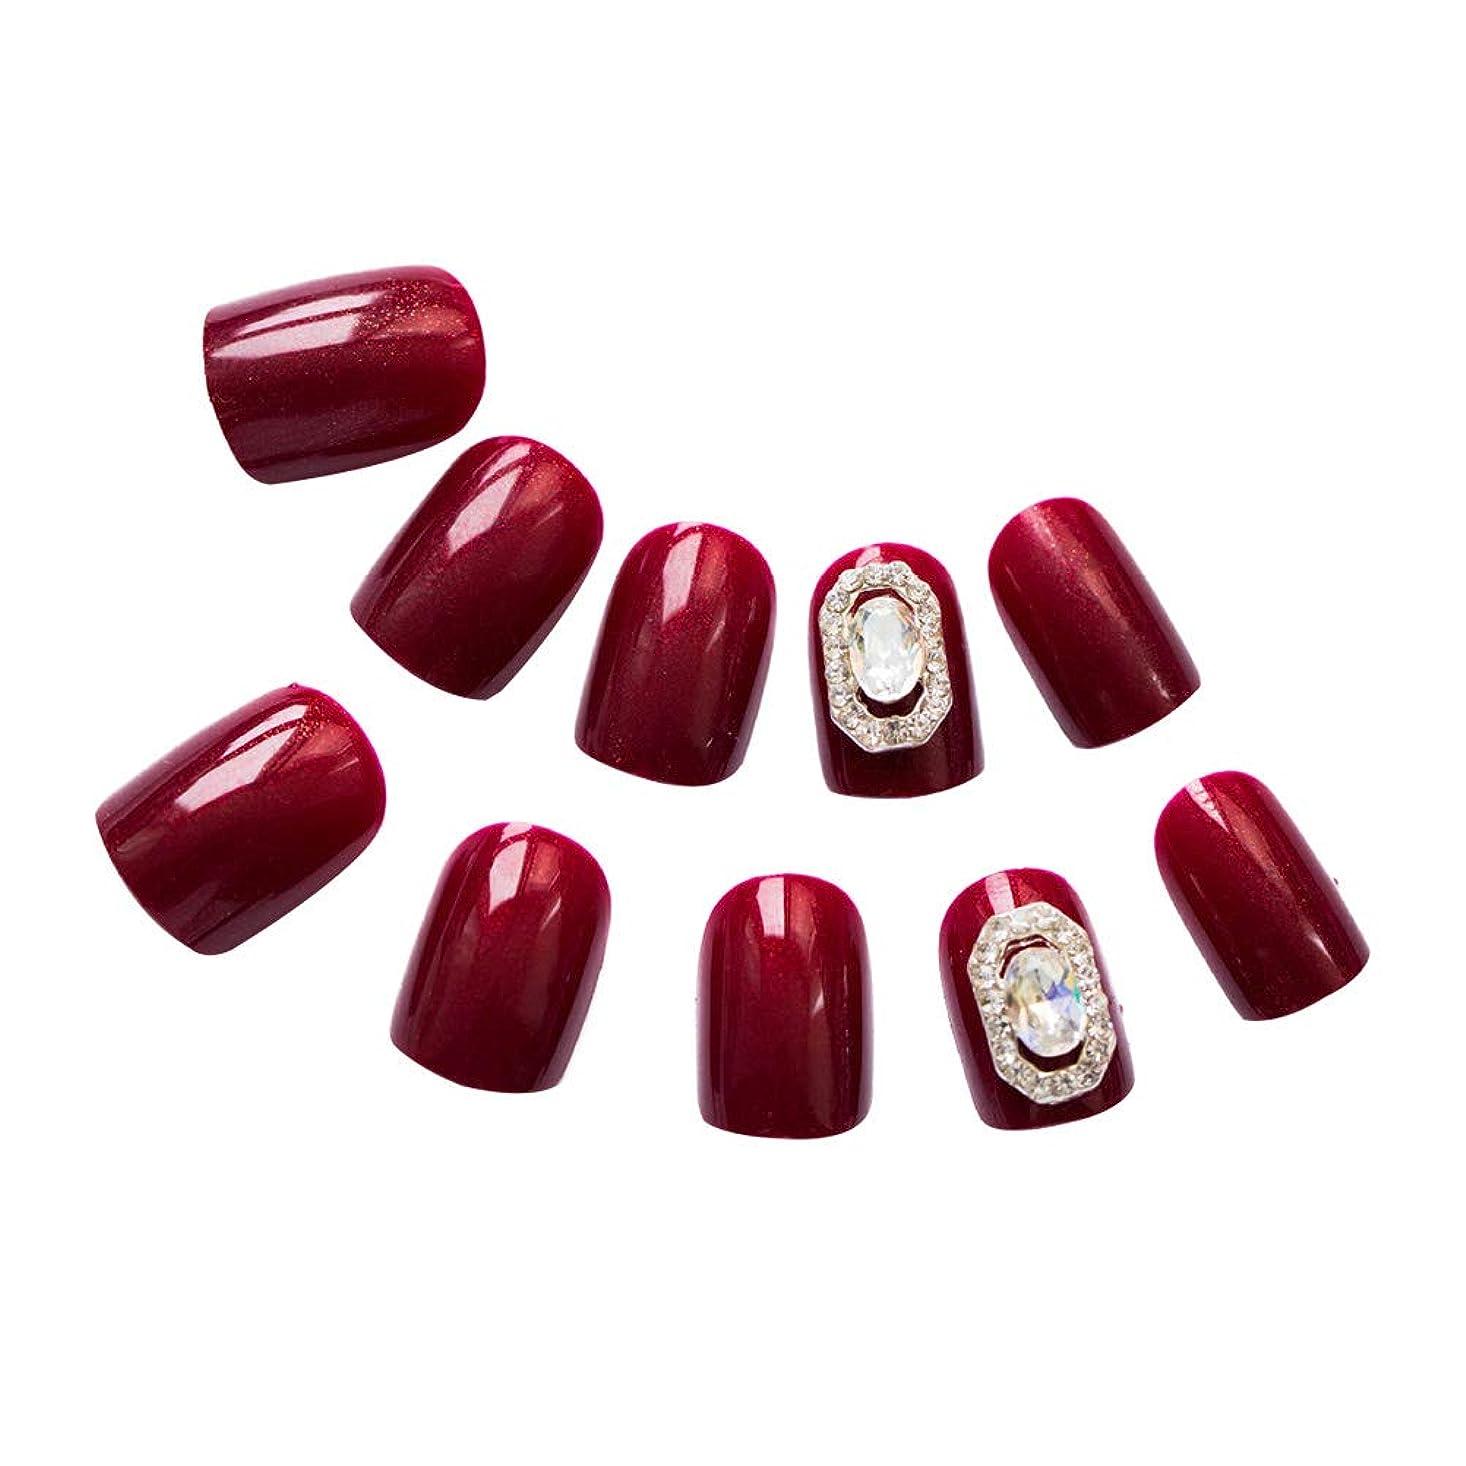 チップクラック壮大なFrcolor ネイルシール ネイルステッカー 赤い ダイヤモンド DIYネイルアプリーク 24枚セット